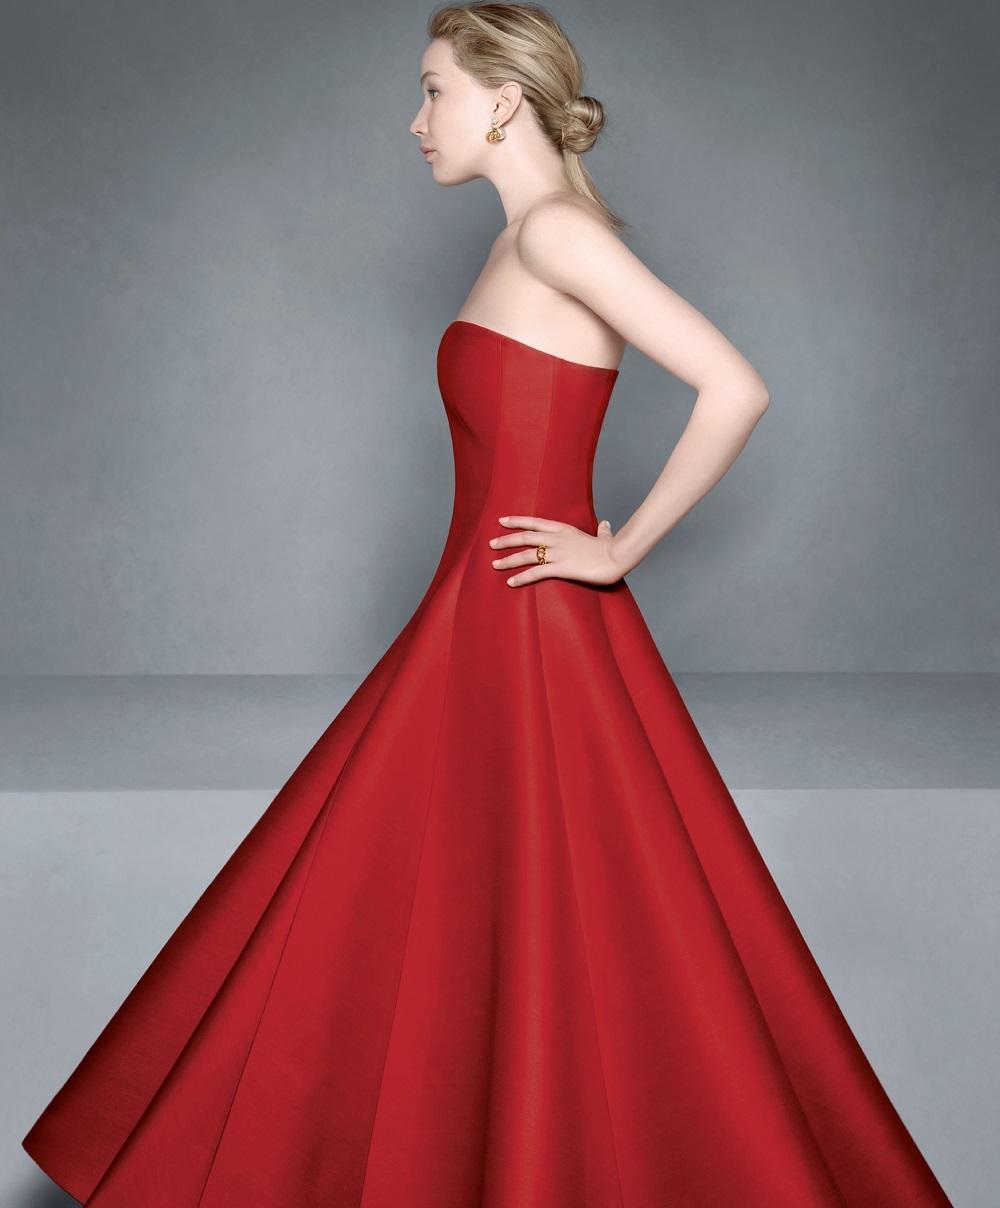 La actriz Jennifer Lawrence con un vestido rojo en una de las fotos de la campaña otoño-invierno 2020/21 de Dior.